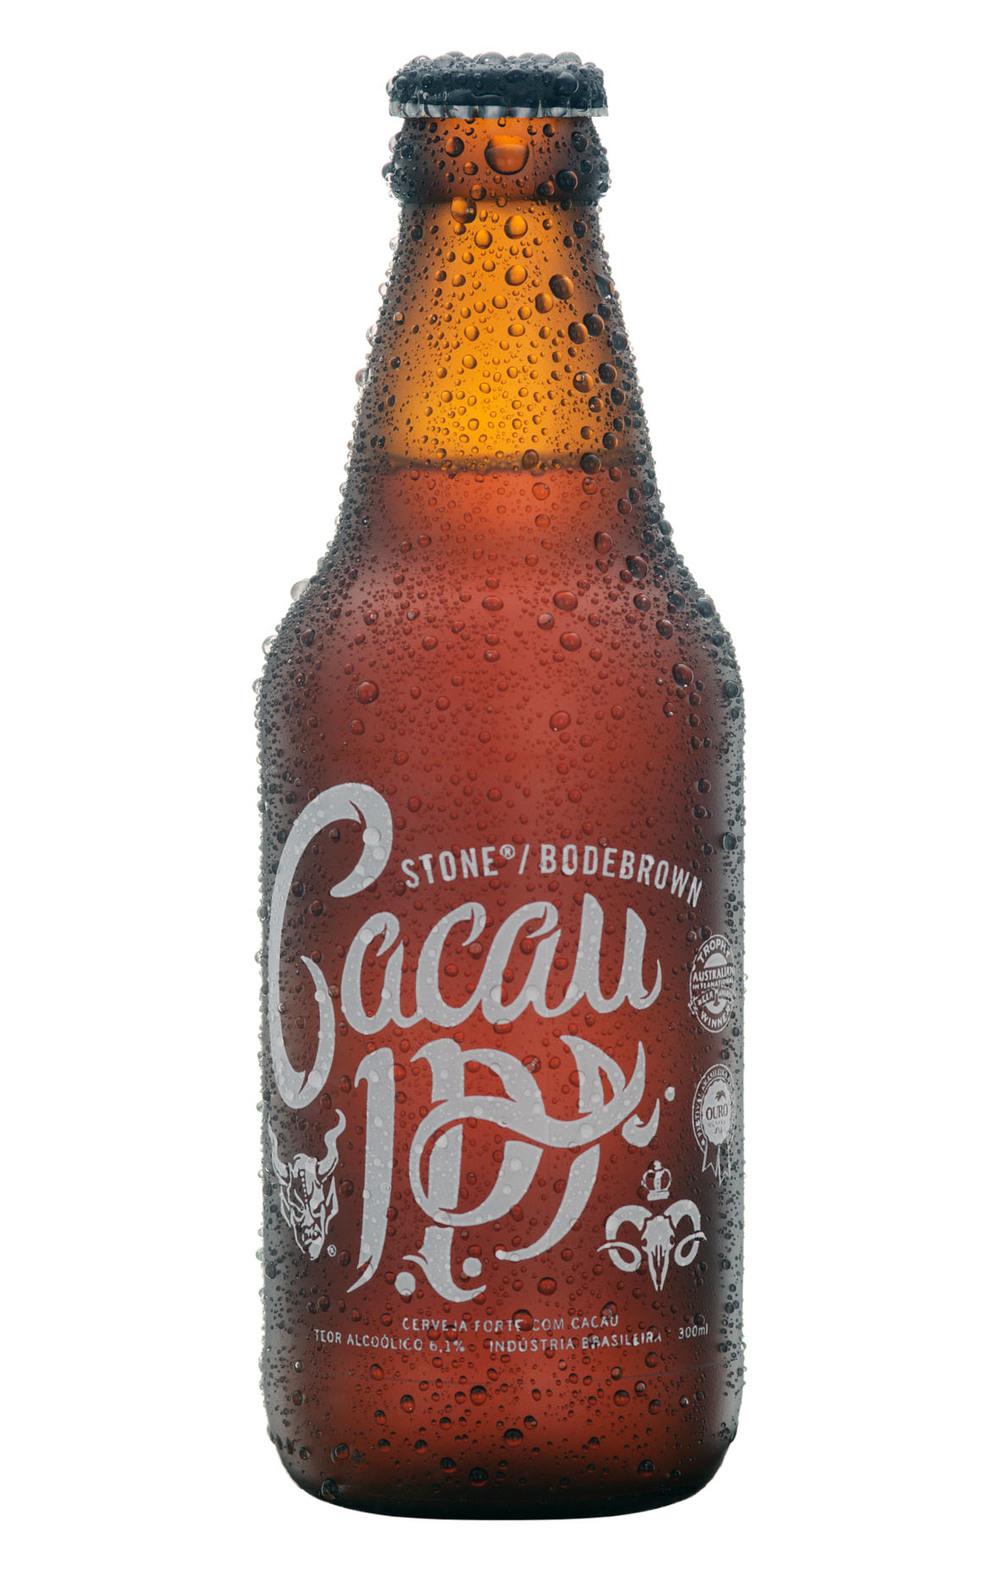 A primeira cerveja disponível por a venda online é a Stone/Bodebrown Cacau IPA, com preço promocional de lançamento a R$ 15,90 a unidade até o dia 15 (Foto: Divulgação)